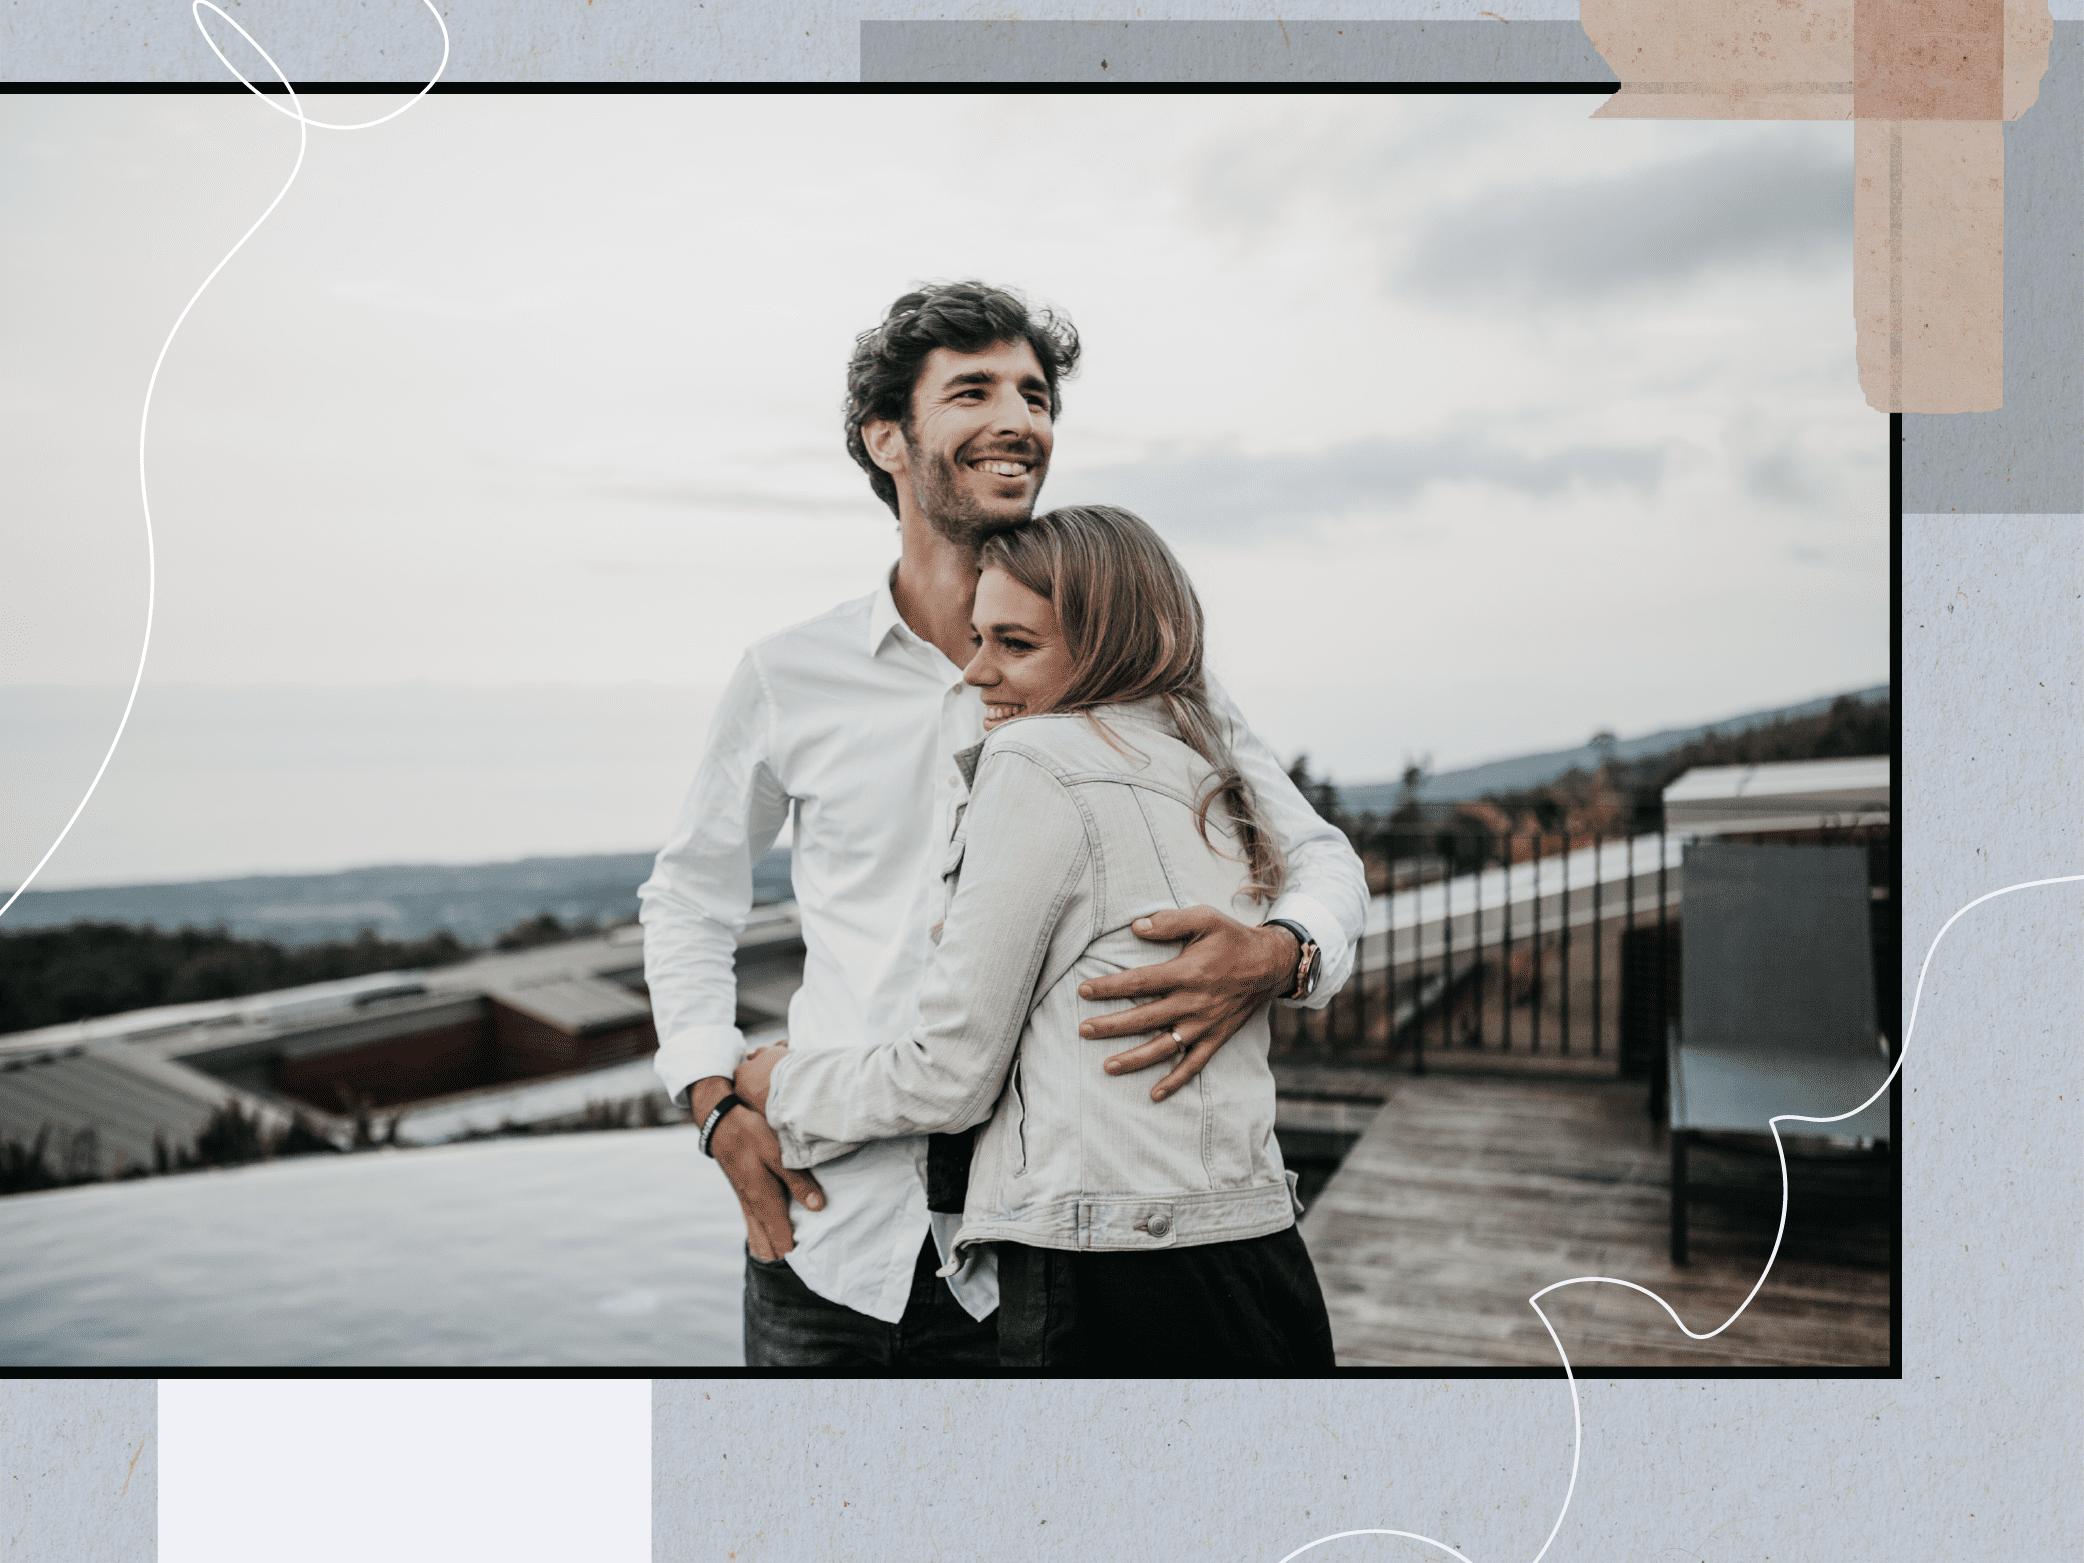 dating casual în 20 de ani widowers văduve de dating site- ul